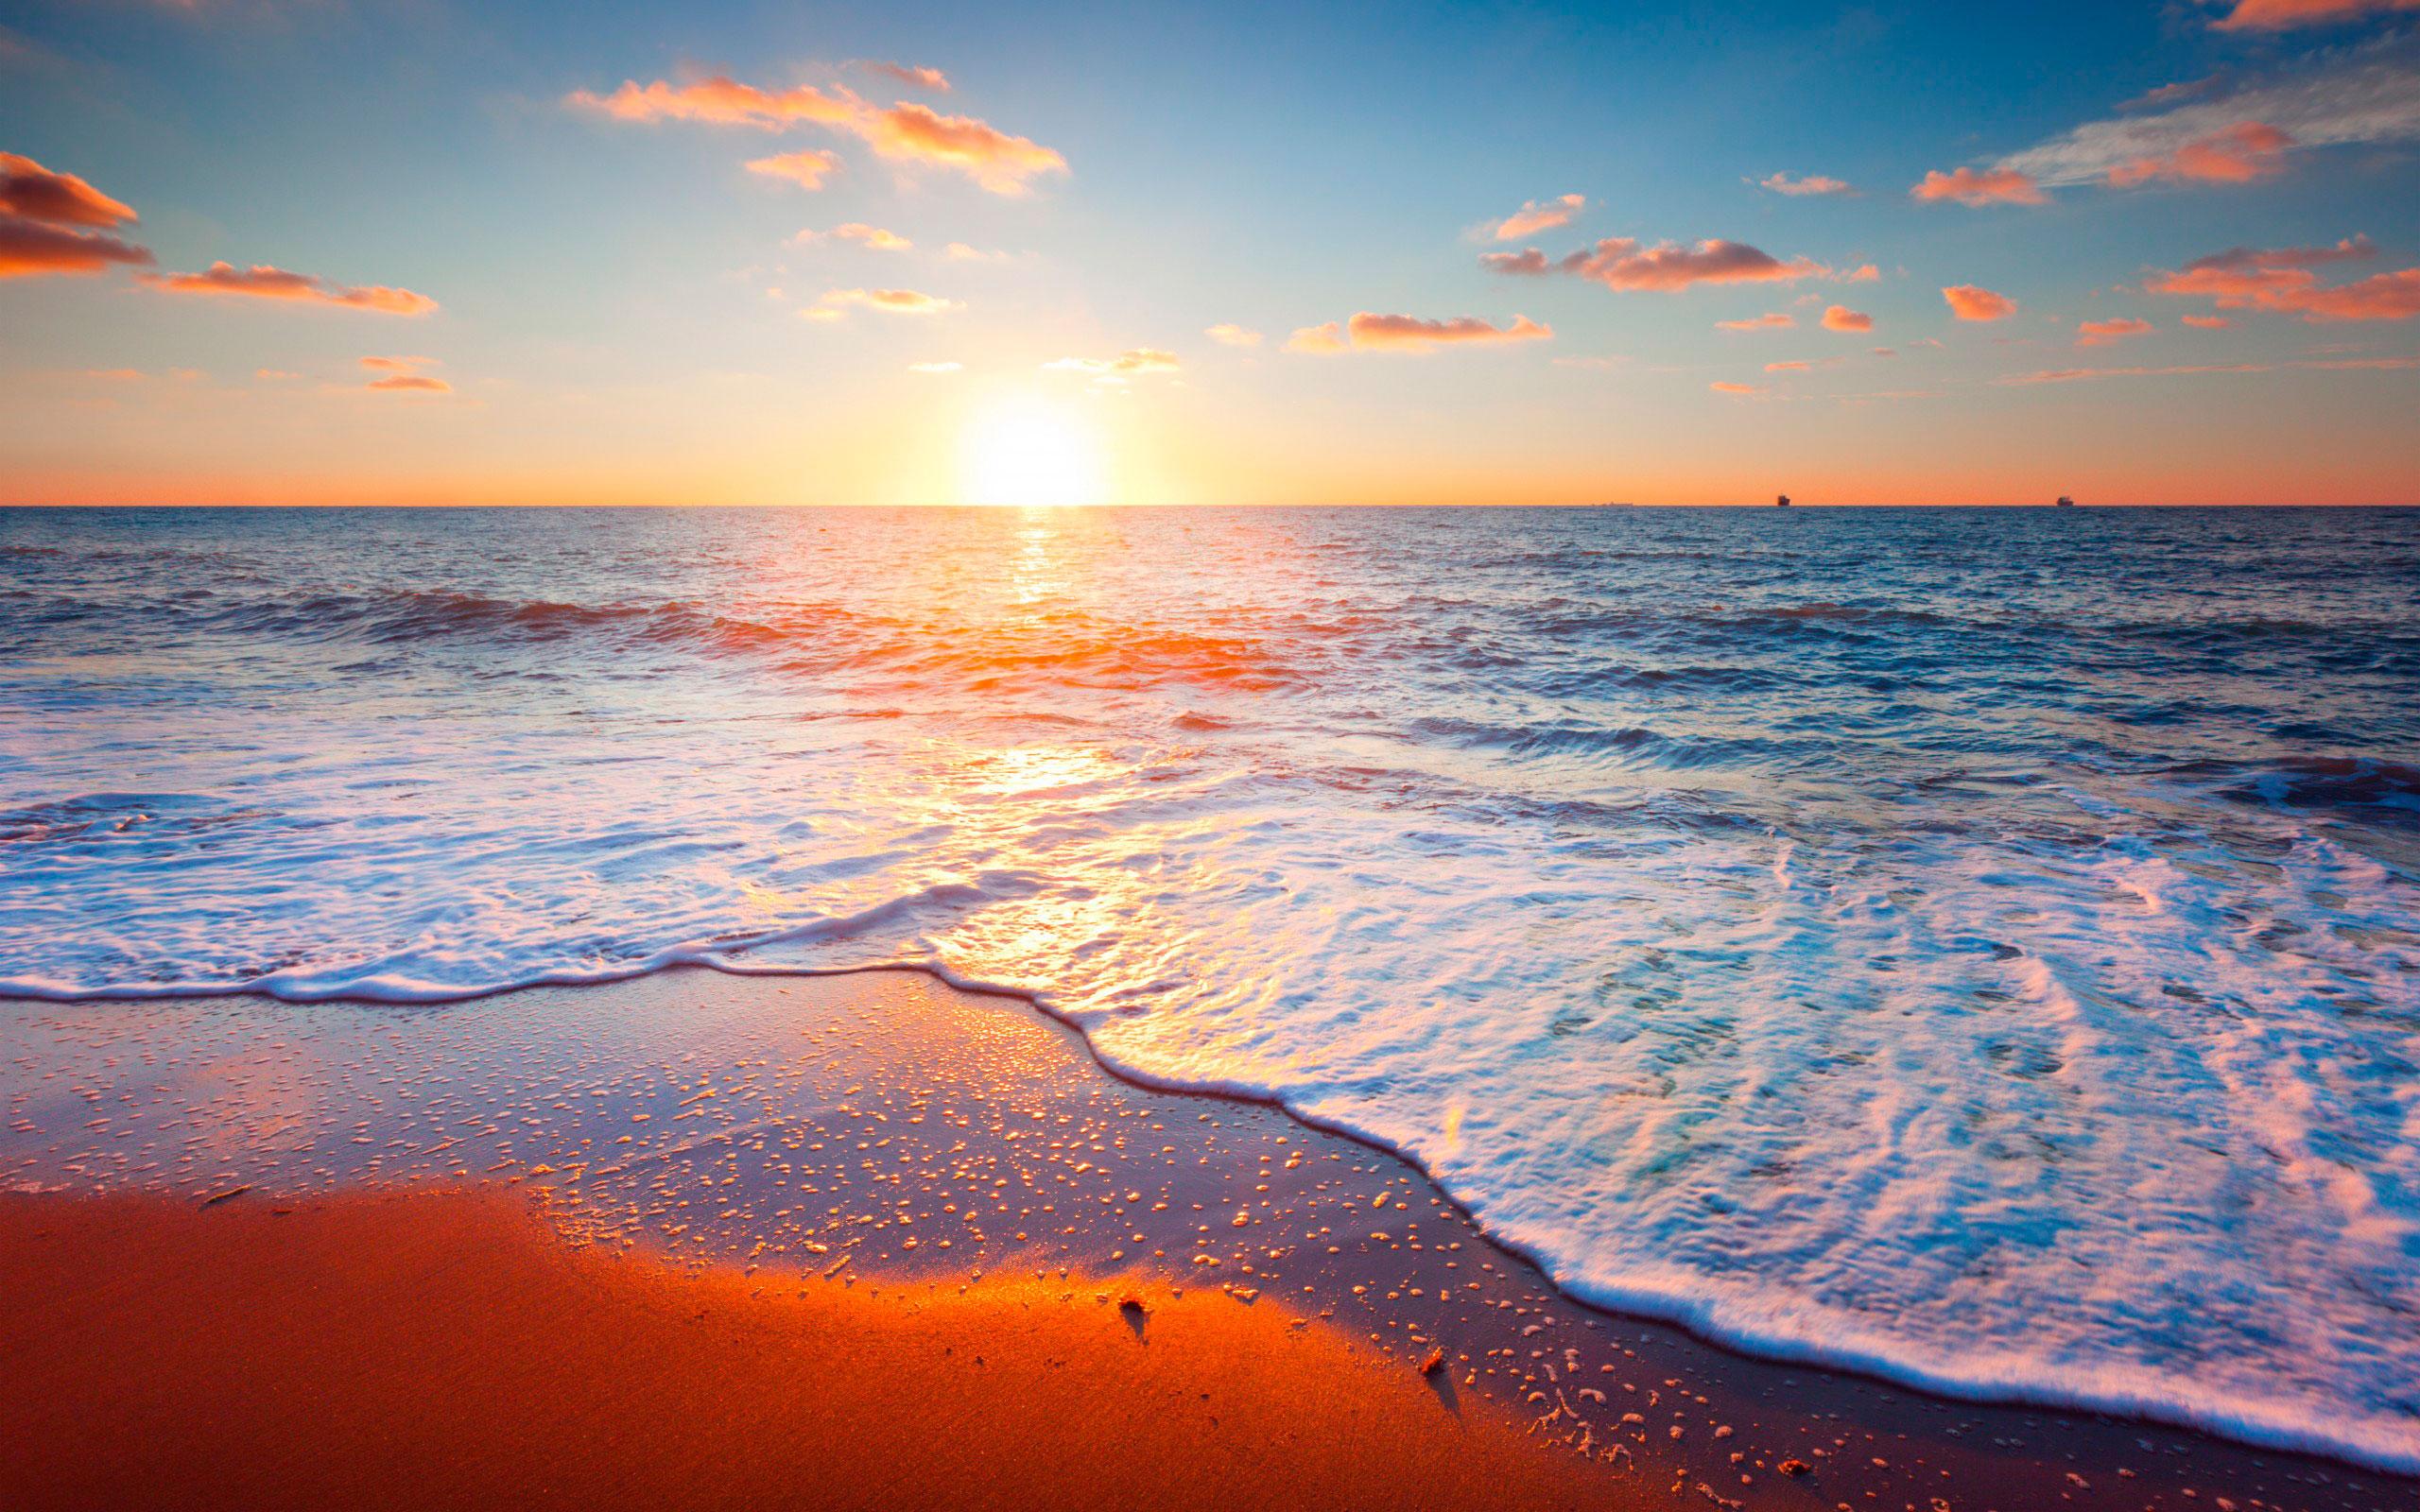 Море закат картинки для рабочего стола